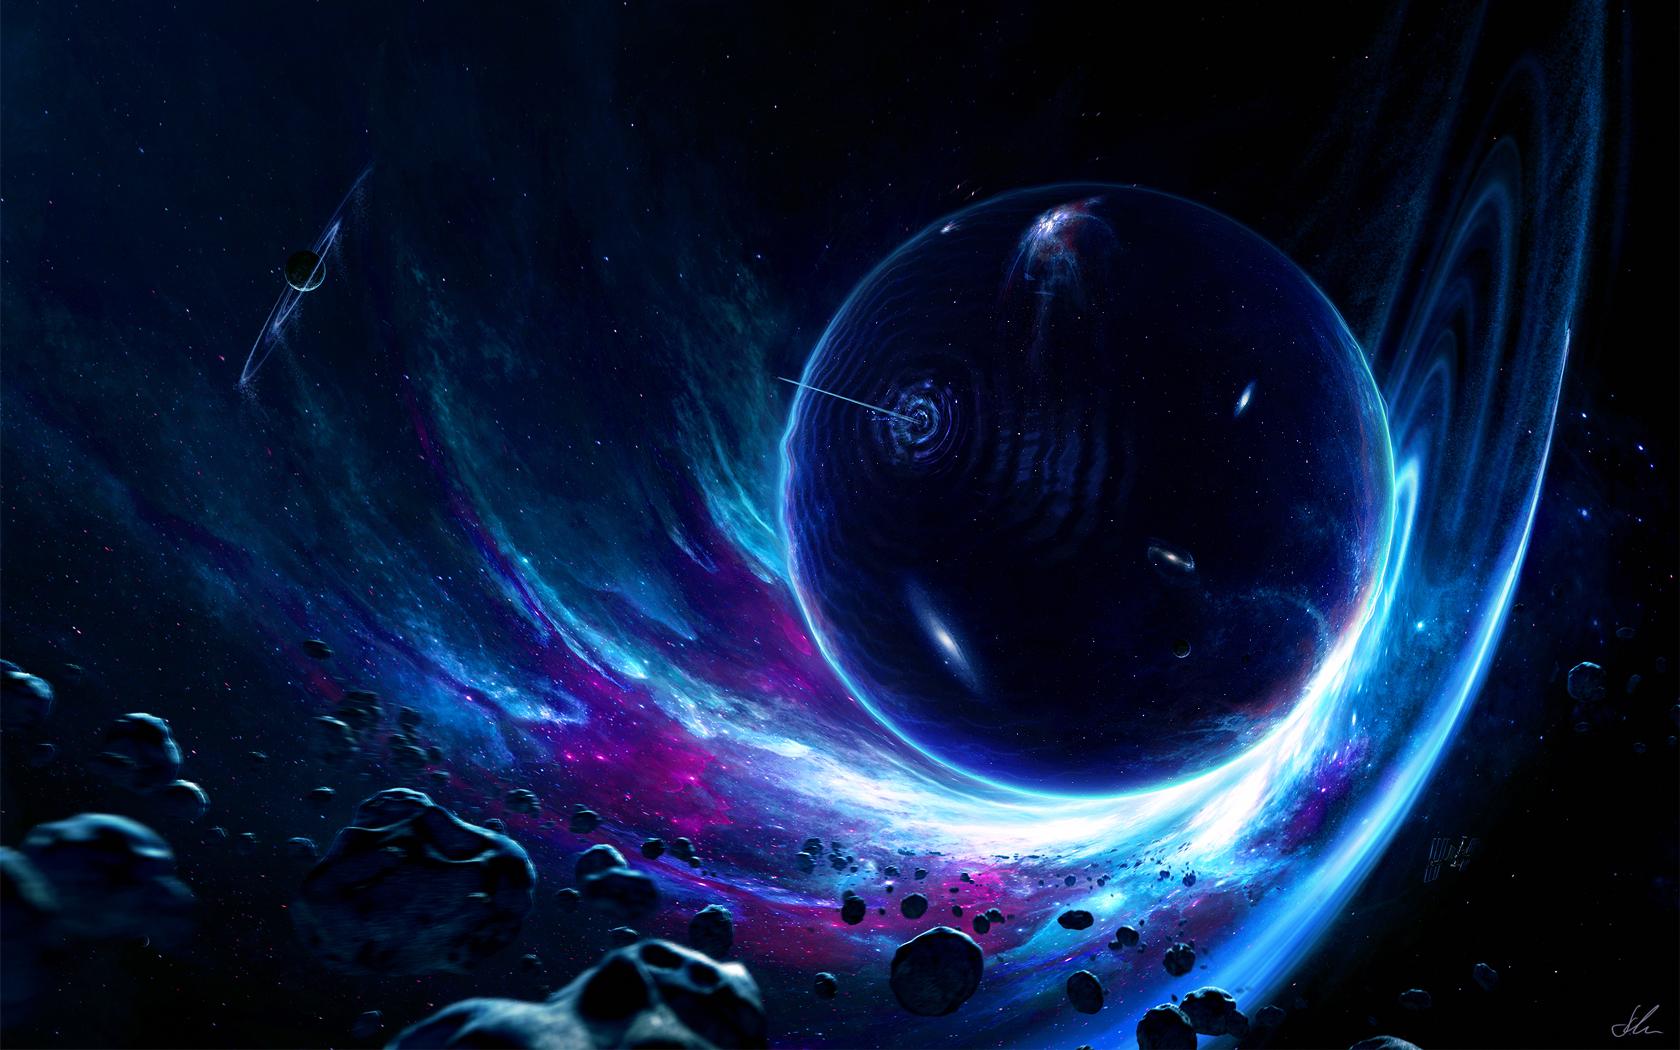 Interstellar Wormhole by ErikShoemaker on DeviantArt